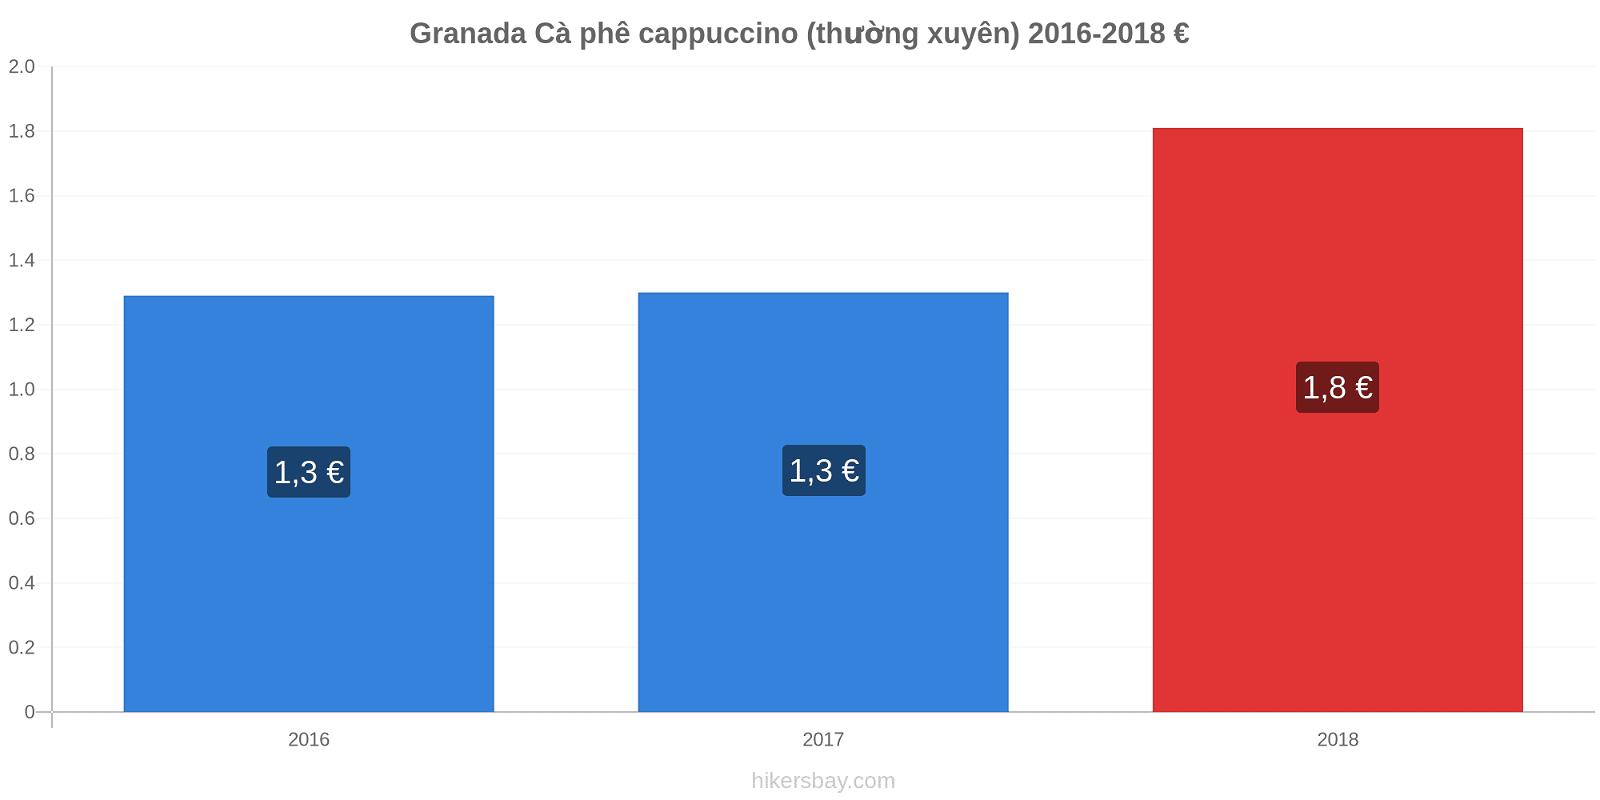 Granada thay đổi giá Cà phê cappuccino (thường xuyên) hikersbay.com